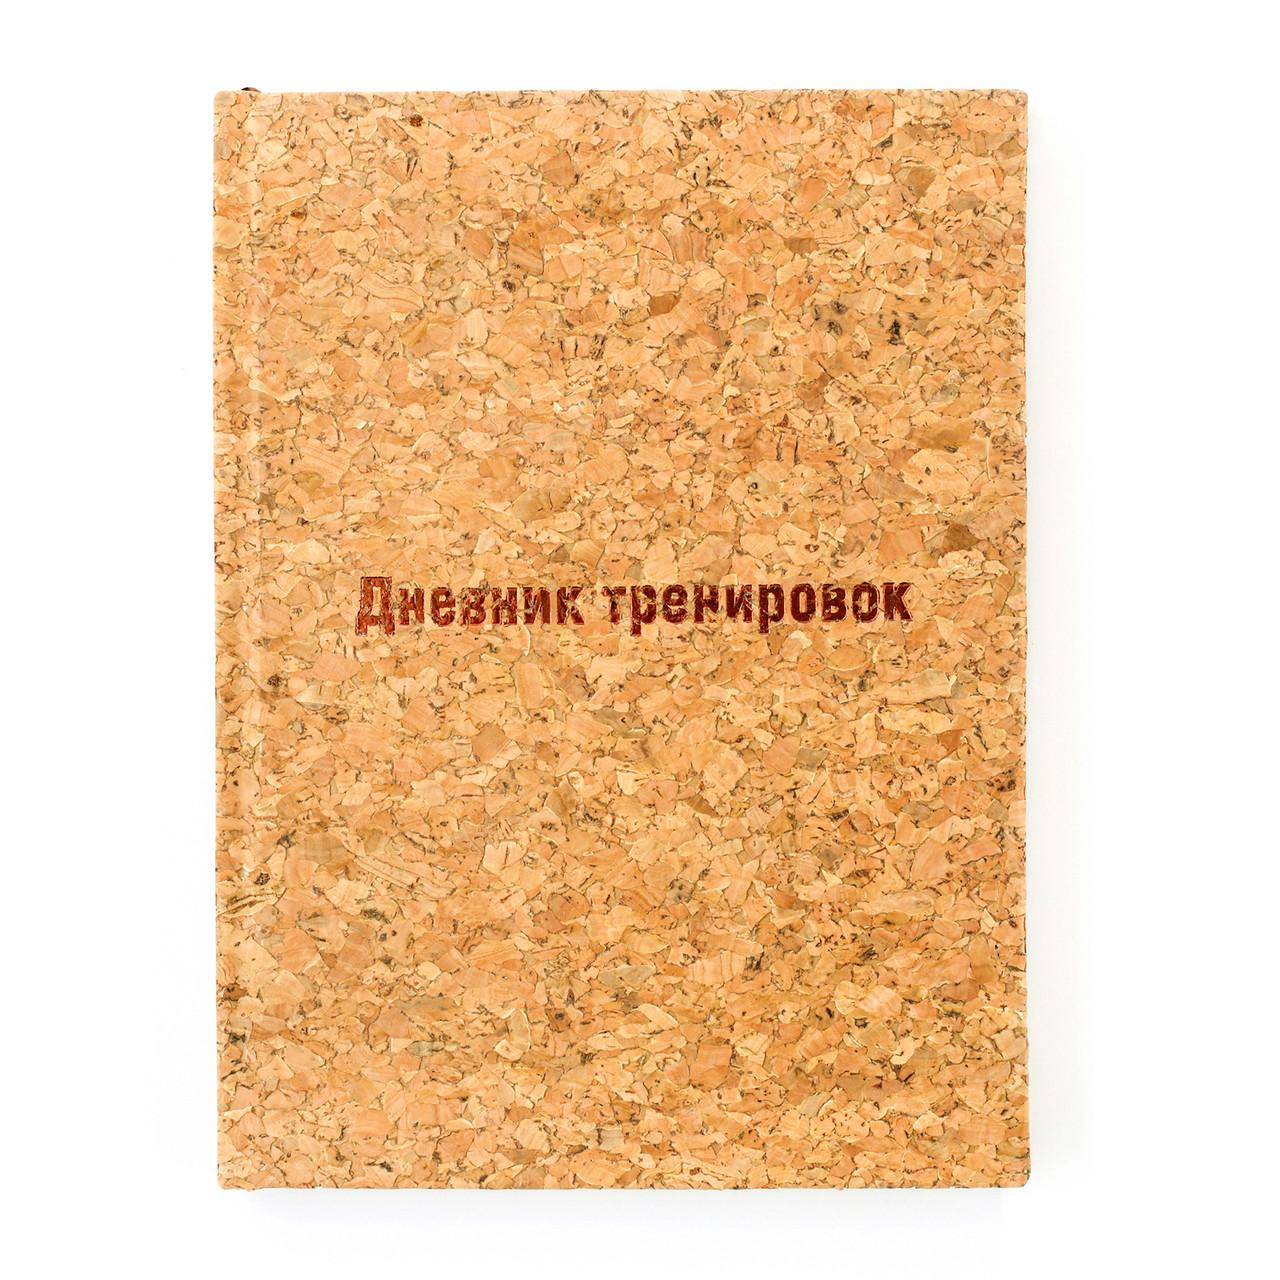 """Эко Дневник тренировок пробковый А5 """"Light cork"""", твердый книжный переплет"""